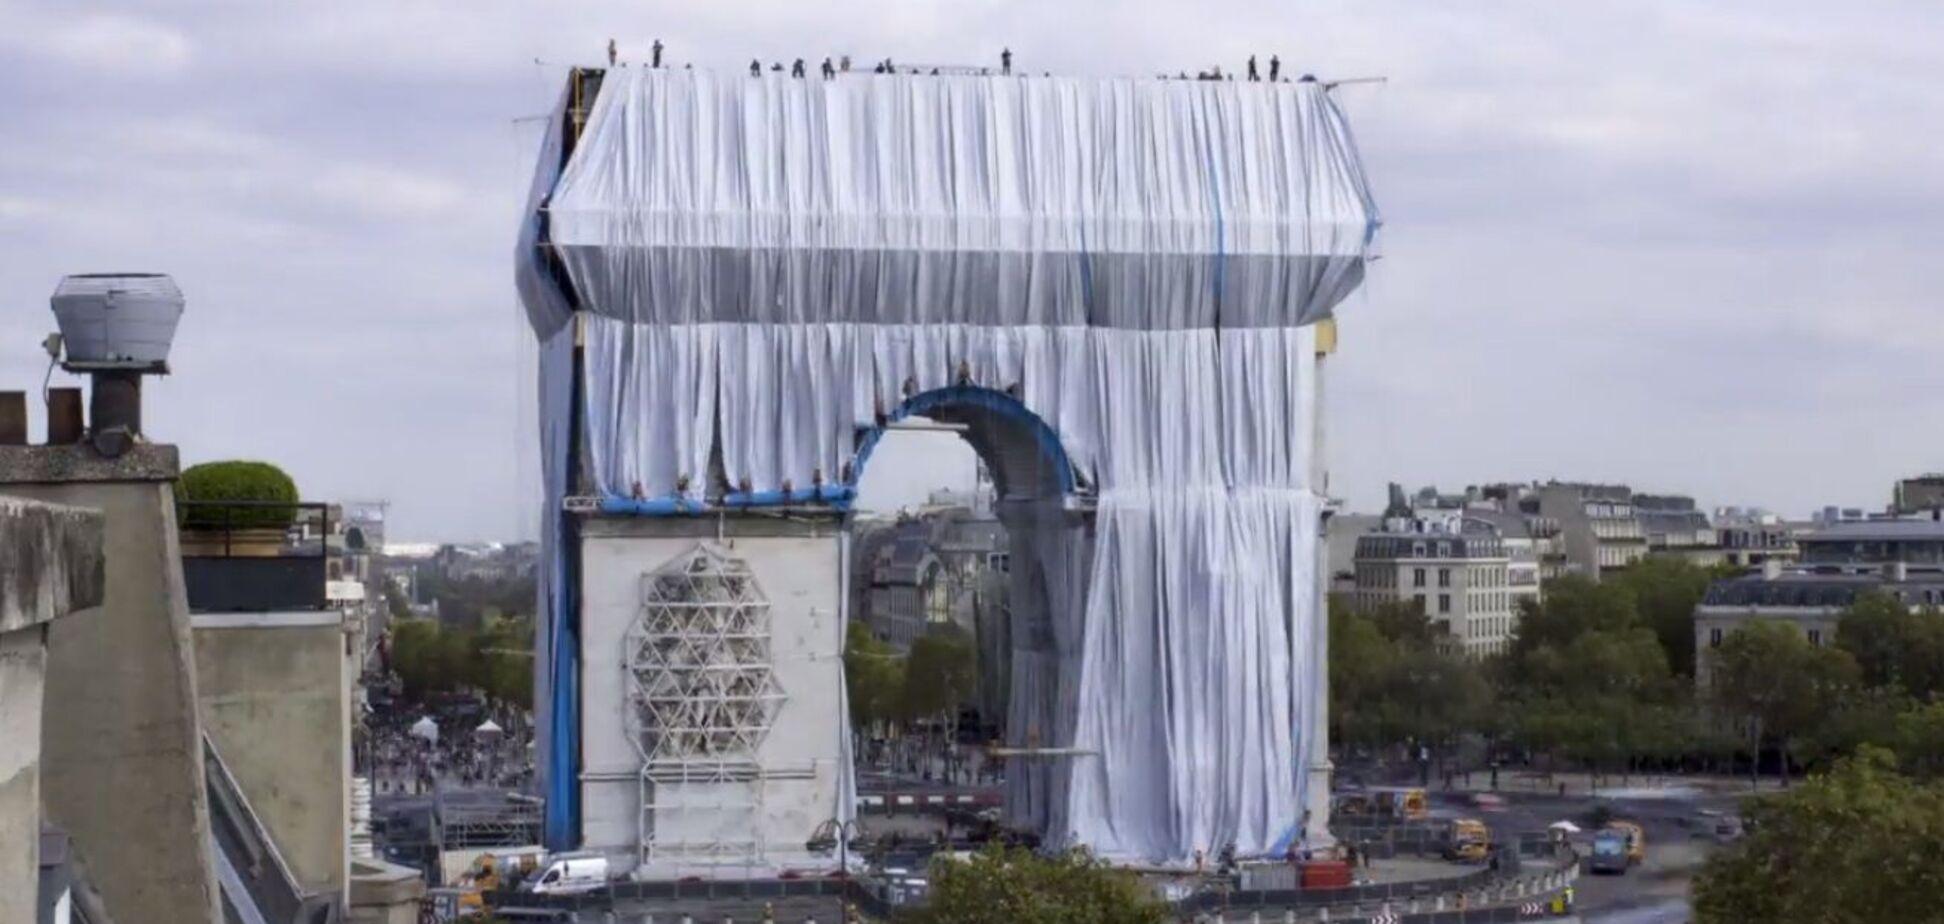 Триумфальную арку в Париже обернули тканью и превратили в современную инсталляцию